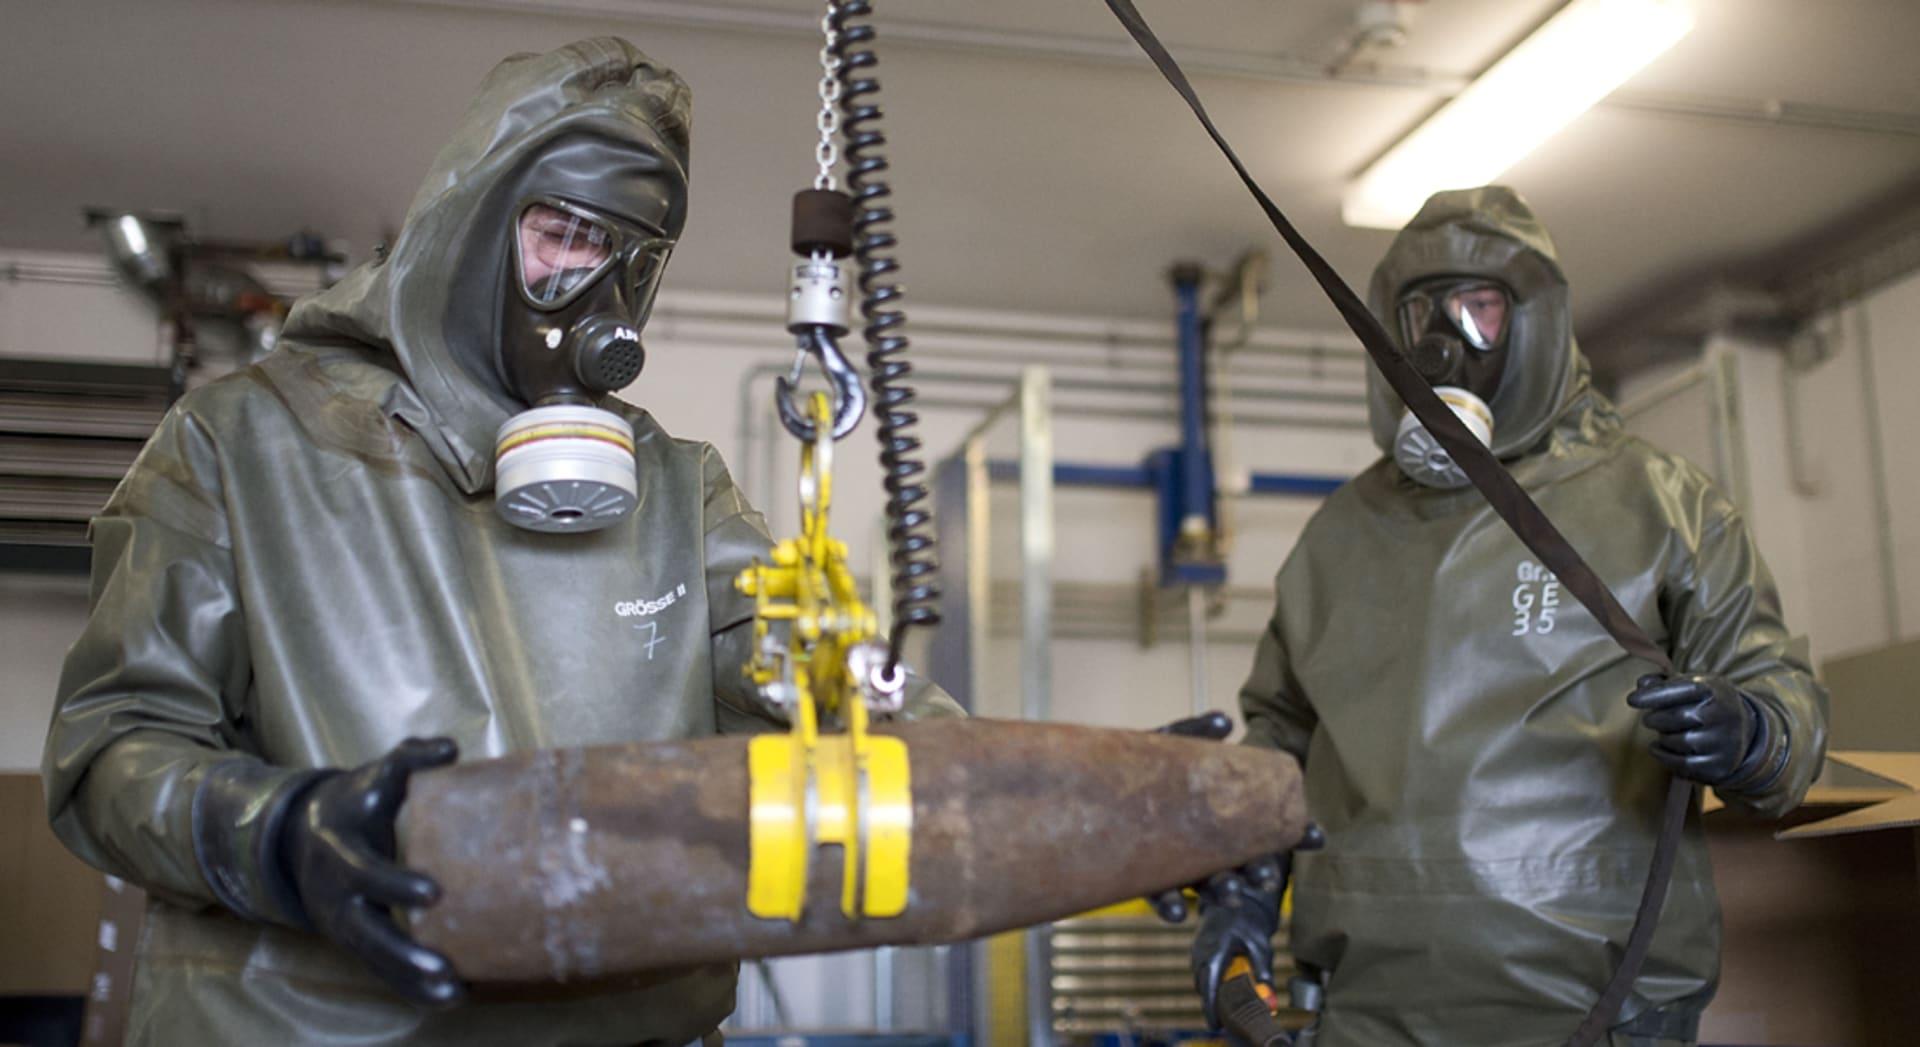 الأمم المتحدة: سوريا علقت نقل الكيماوي لدواع أمنية